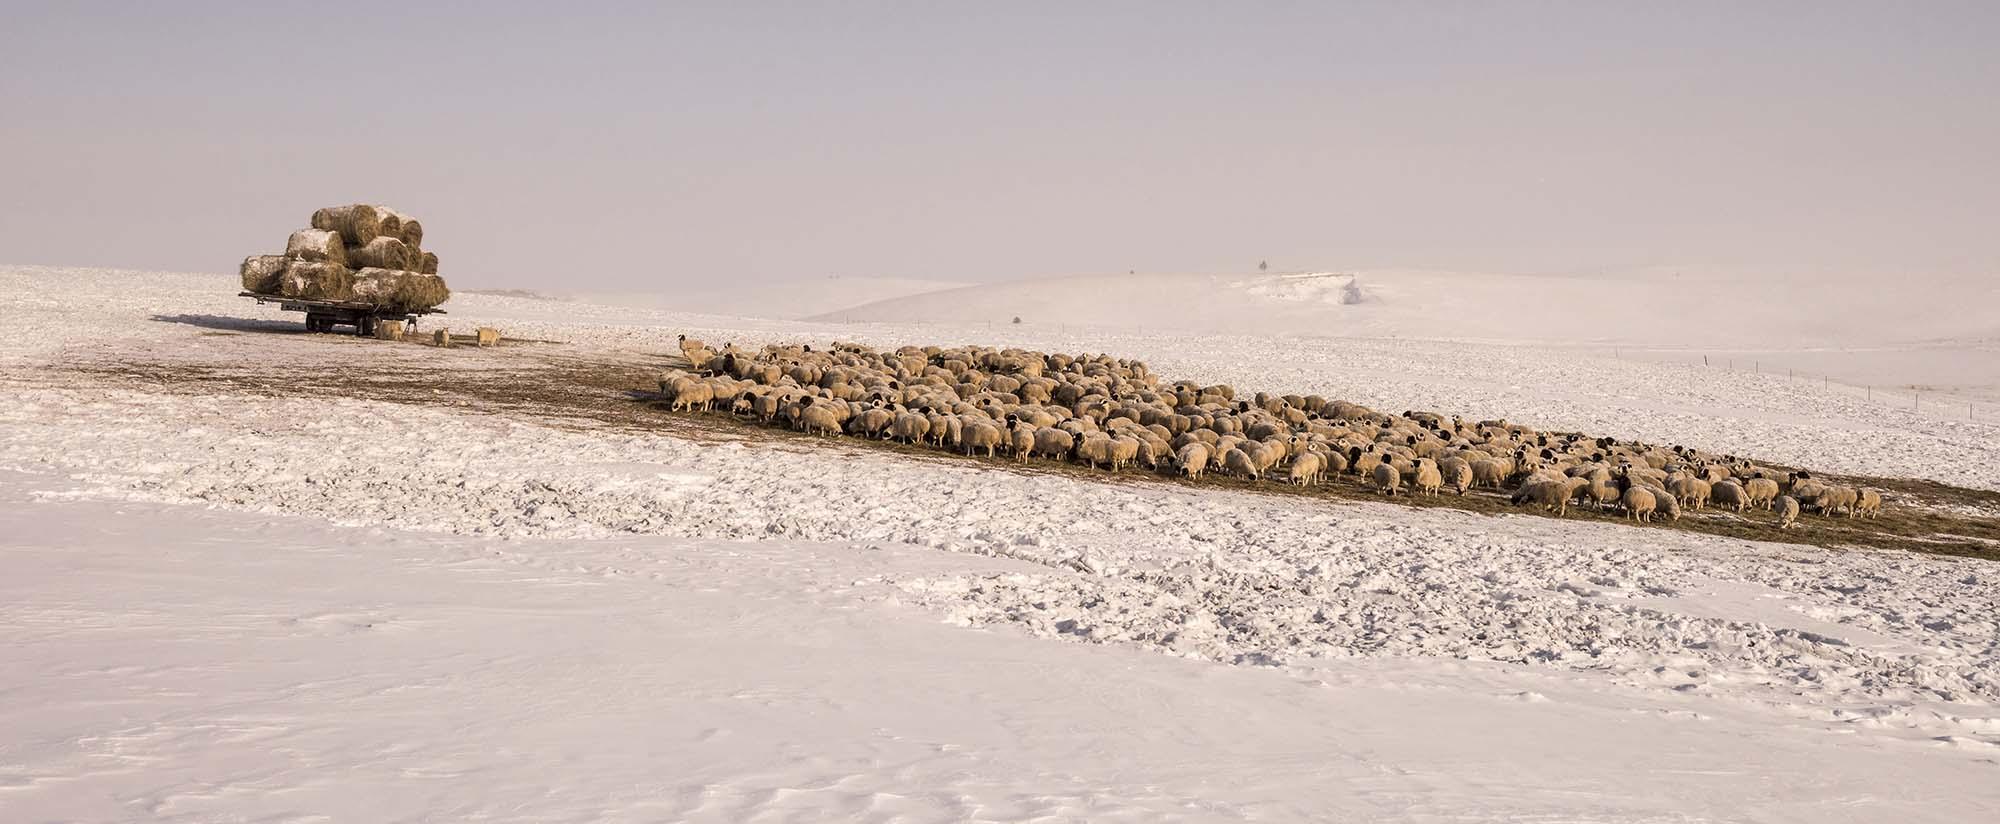 《冬牧》包布赫 摄